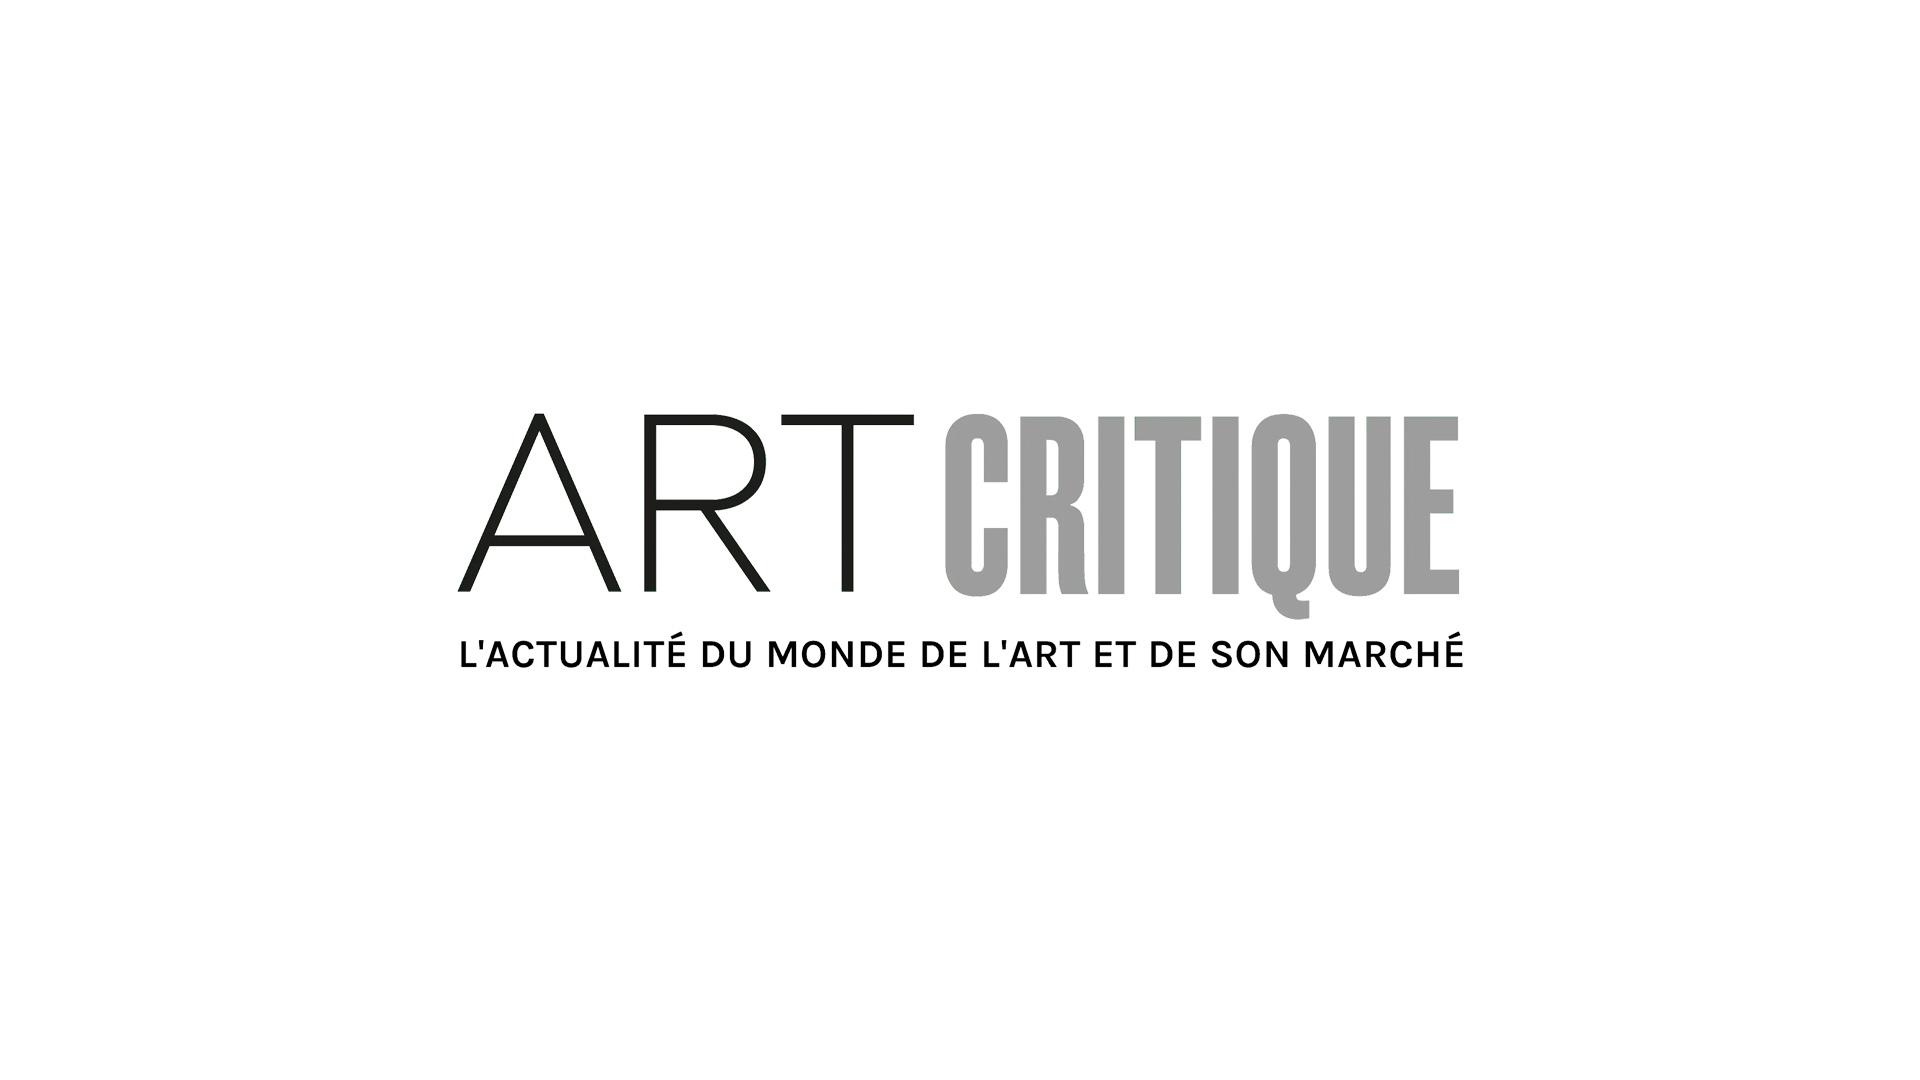 Rénovation imminente du Musée des Tissus